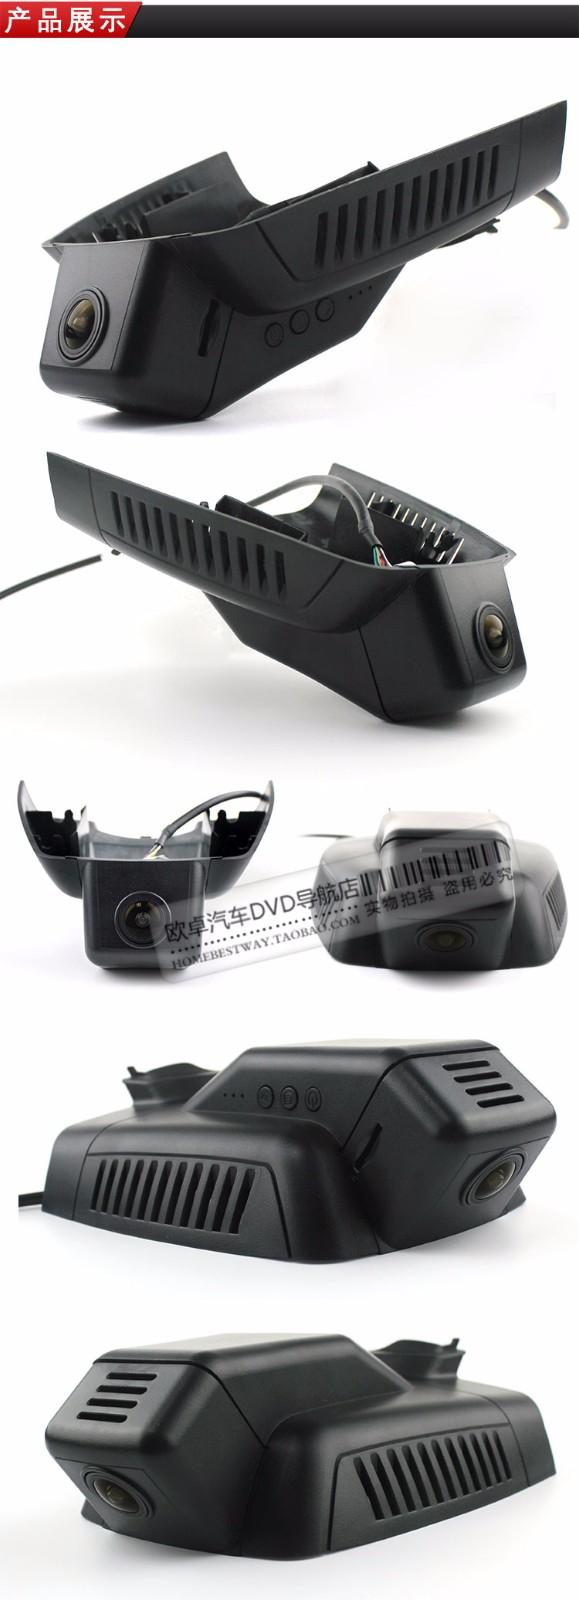 奔驰GLK专车专用隐藏式行车记录仪1080P高清图片九